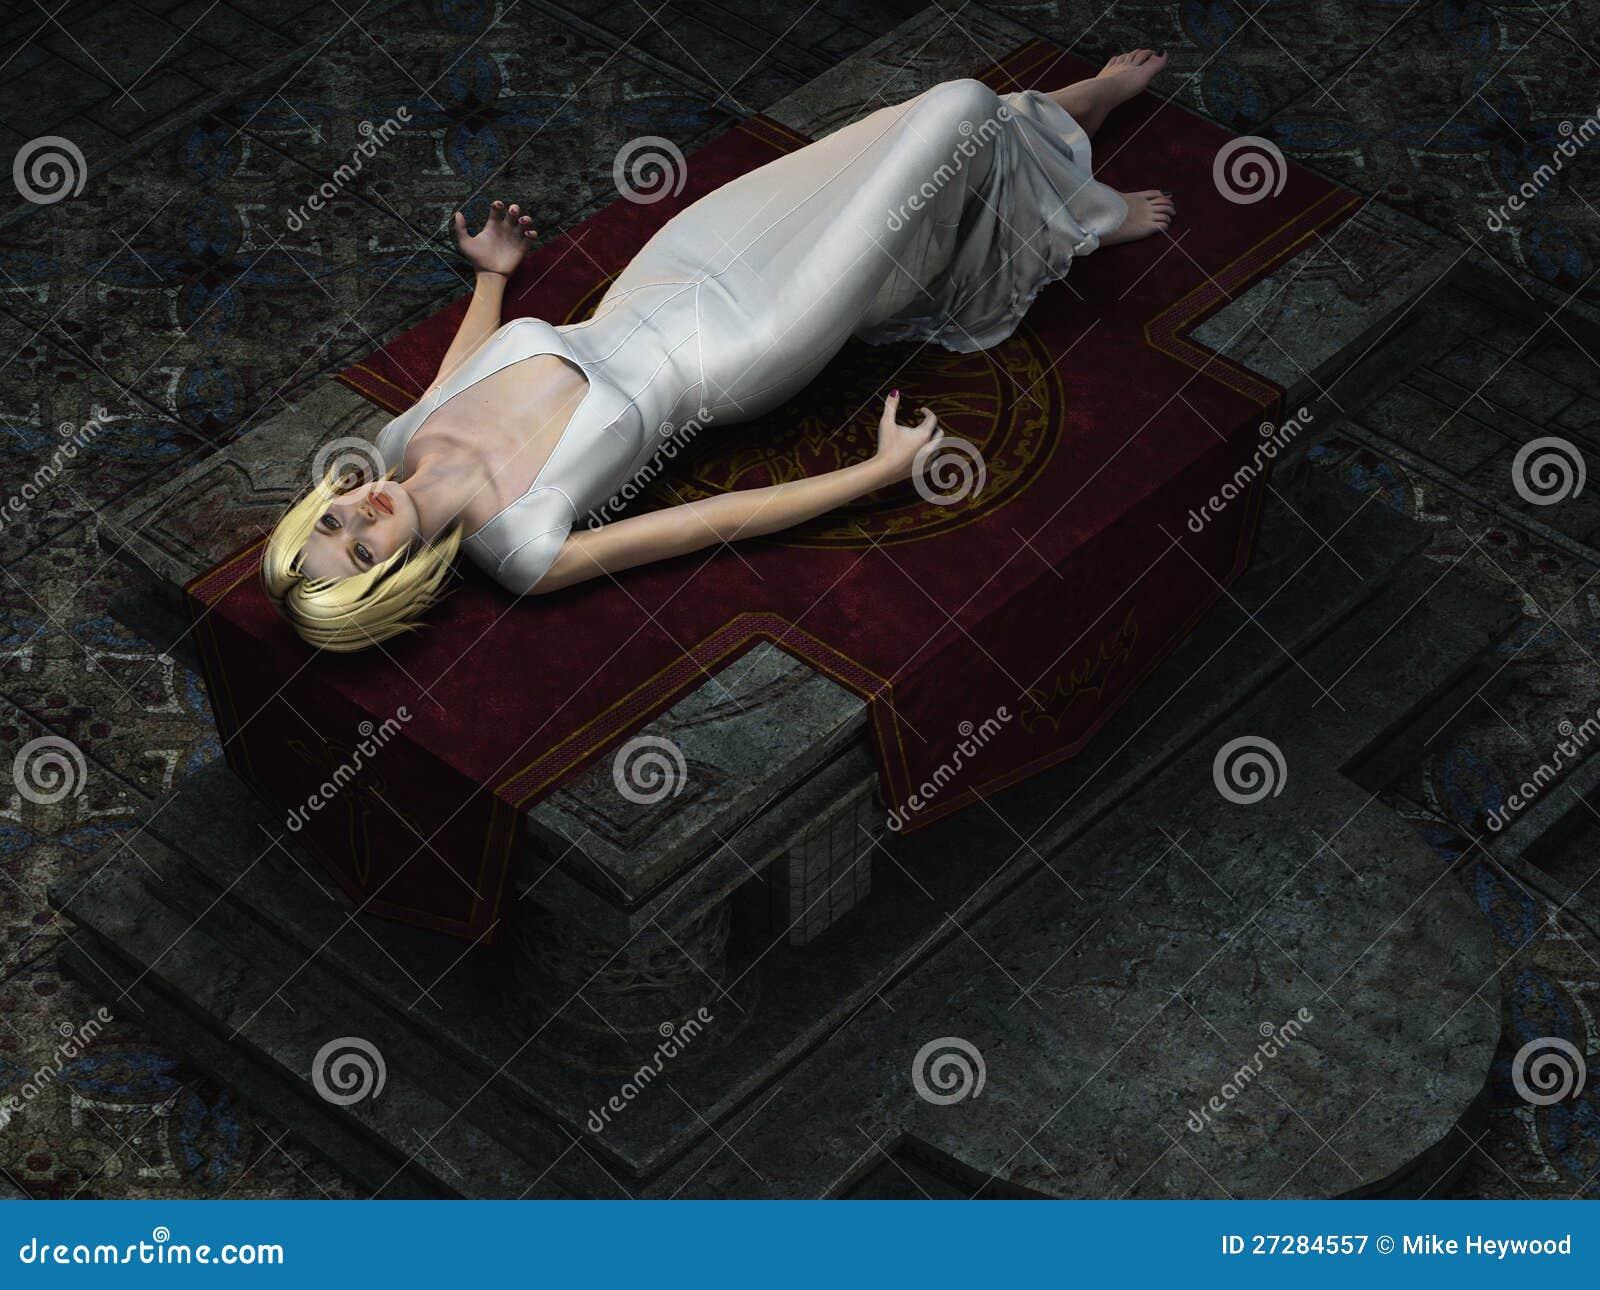 Sacrificial virgin on altar from overhead